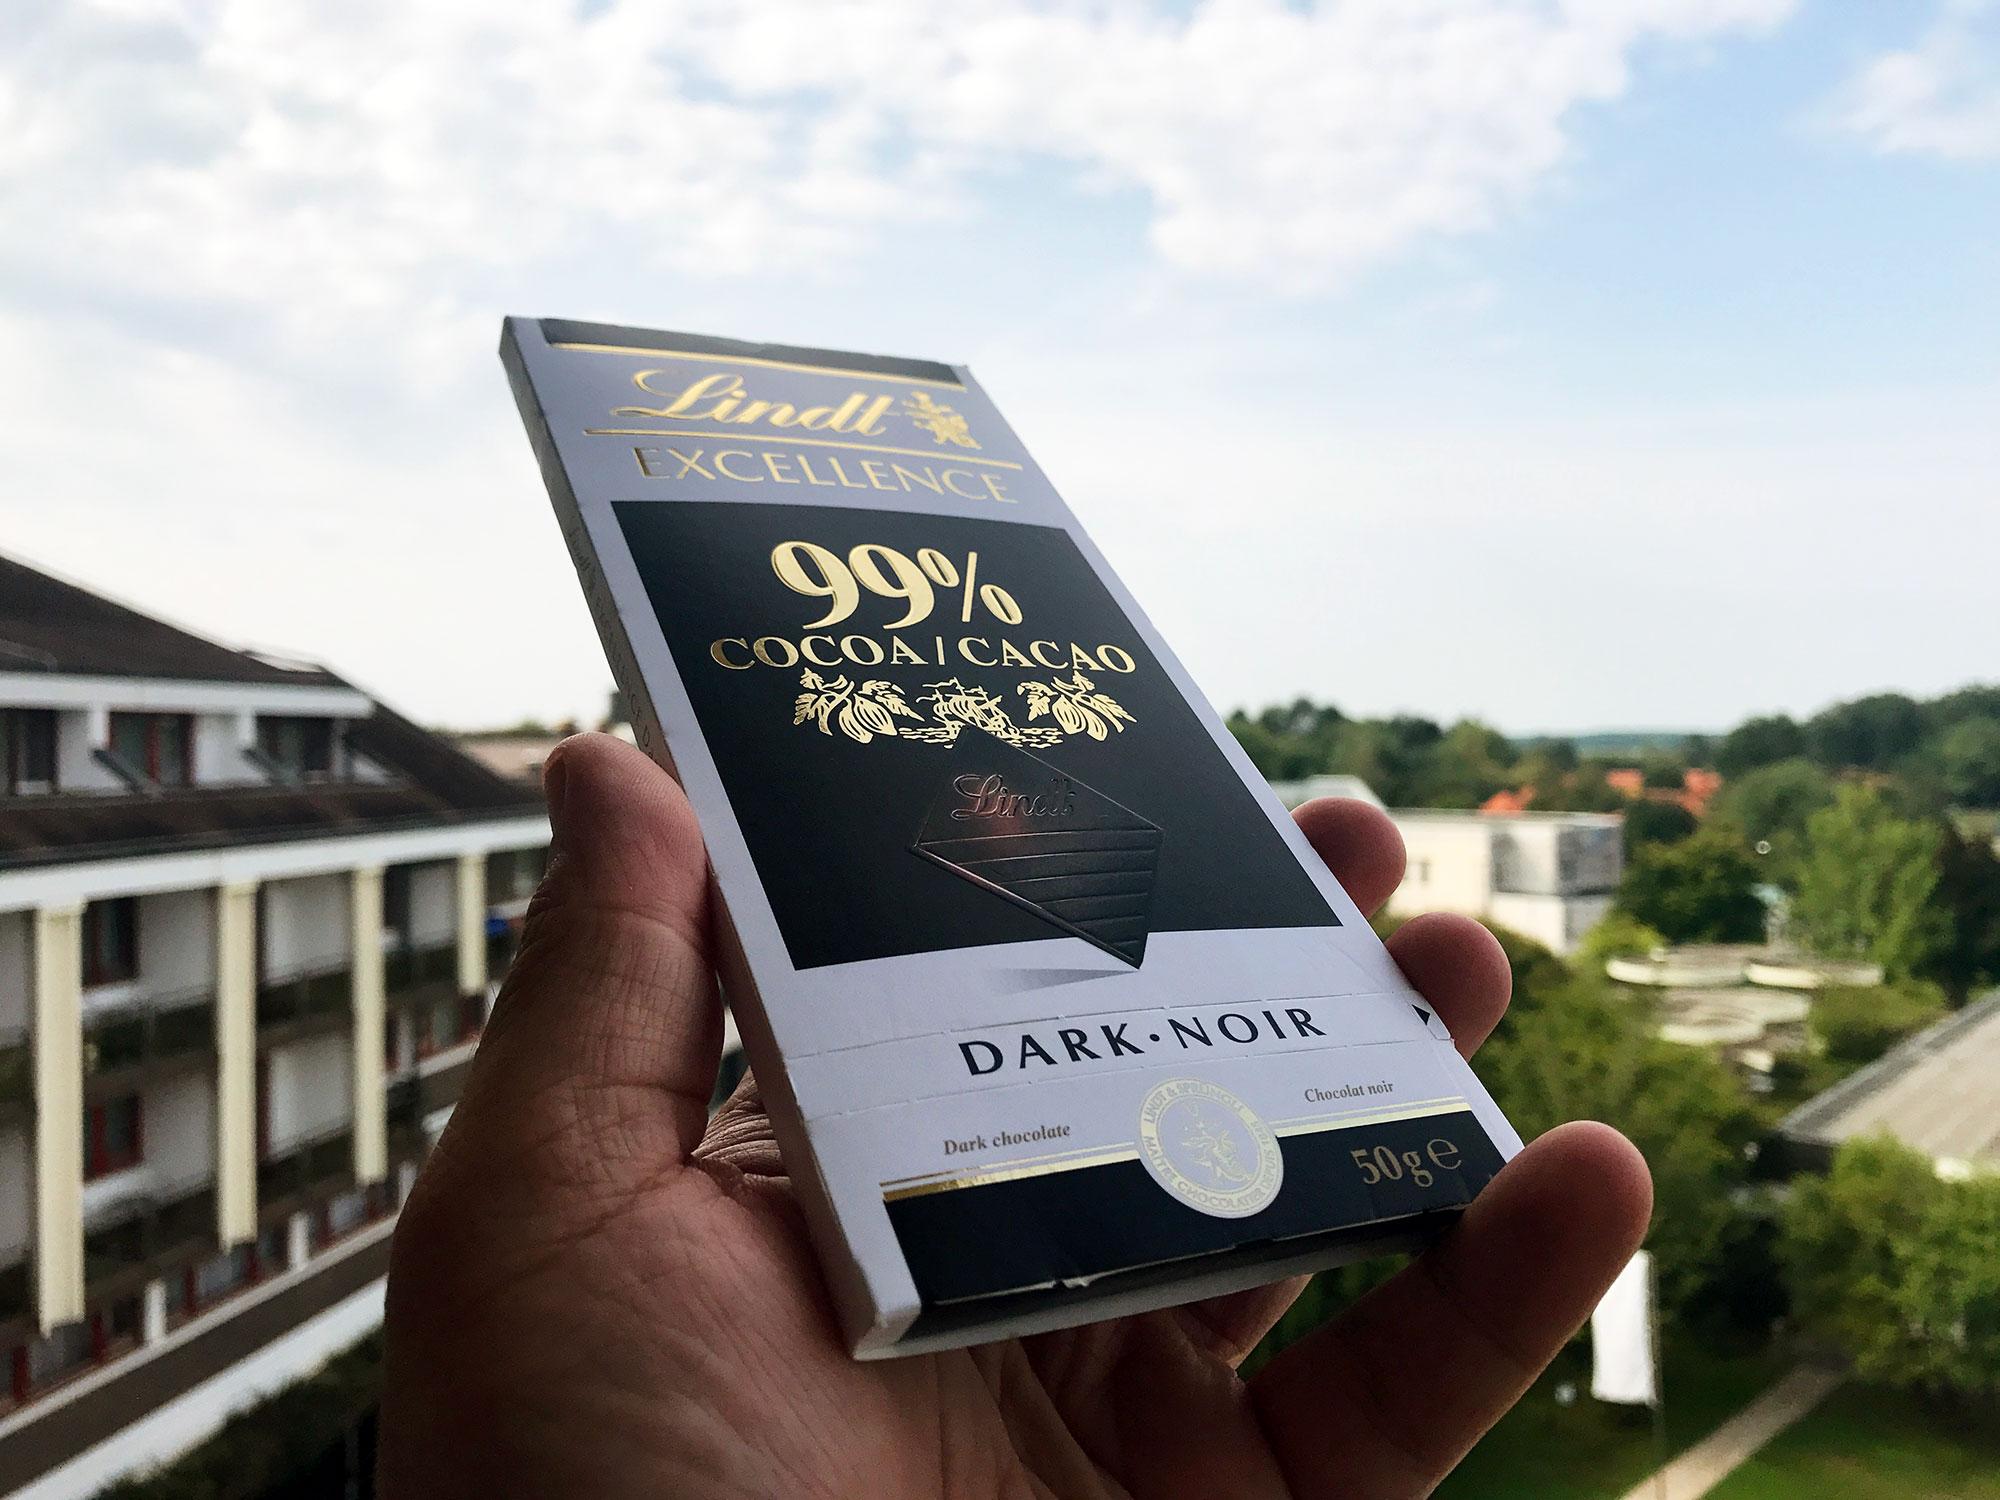 Lindt Excellence Čokolada Fudlog 99